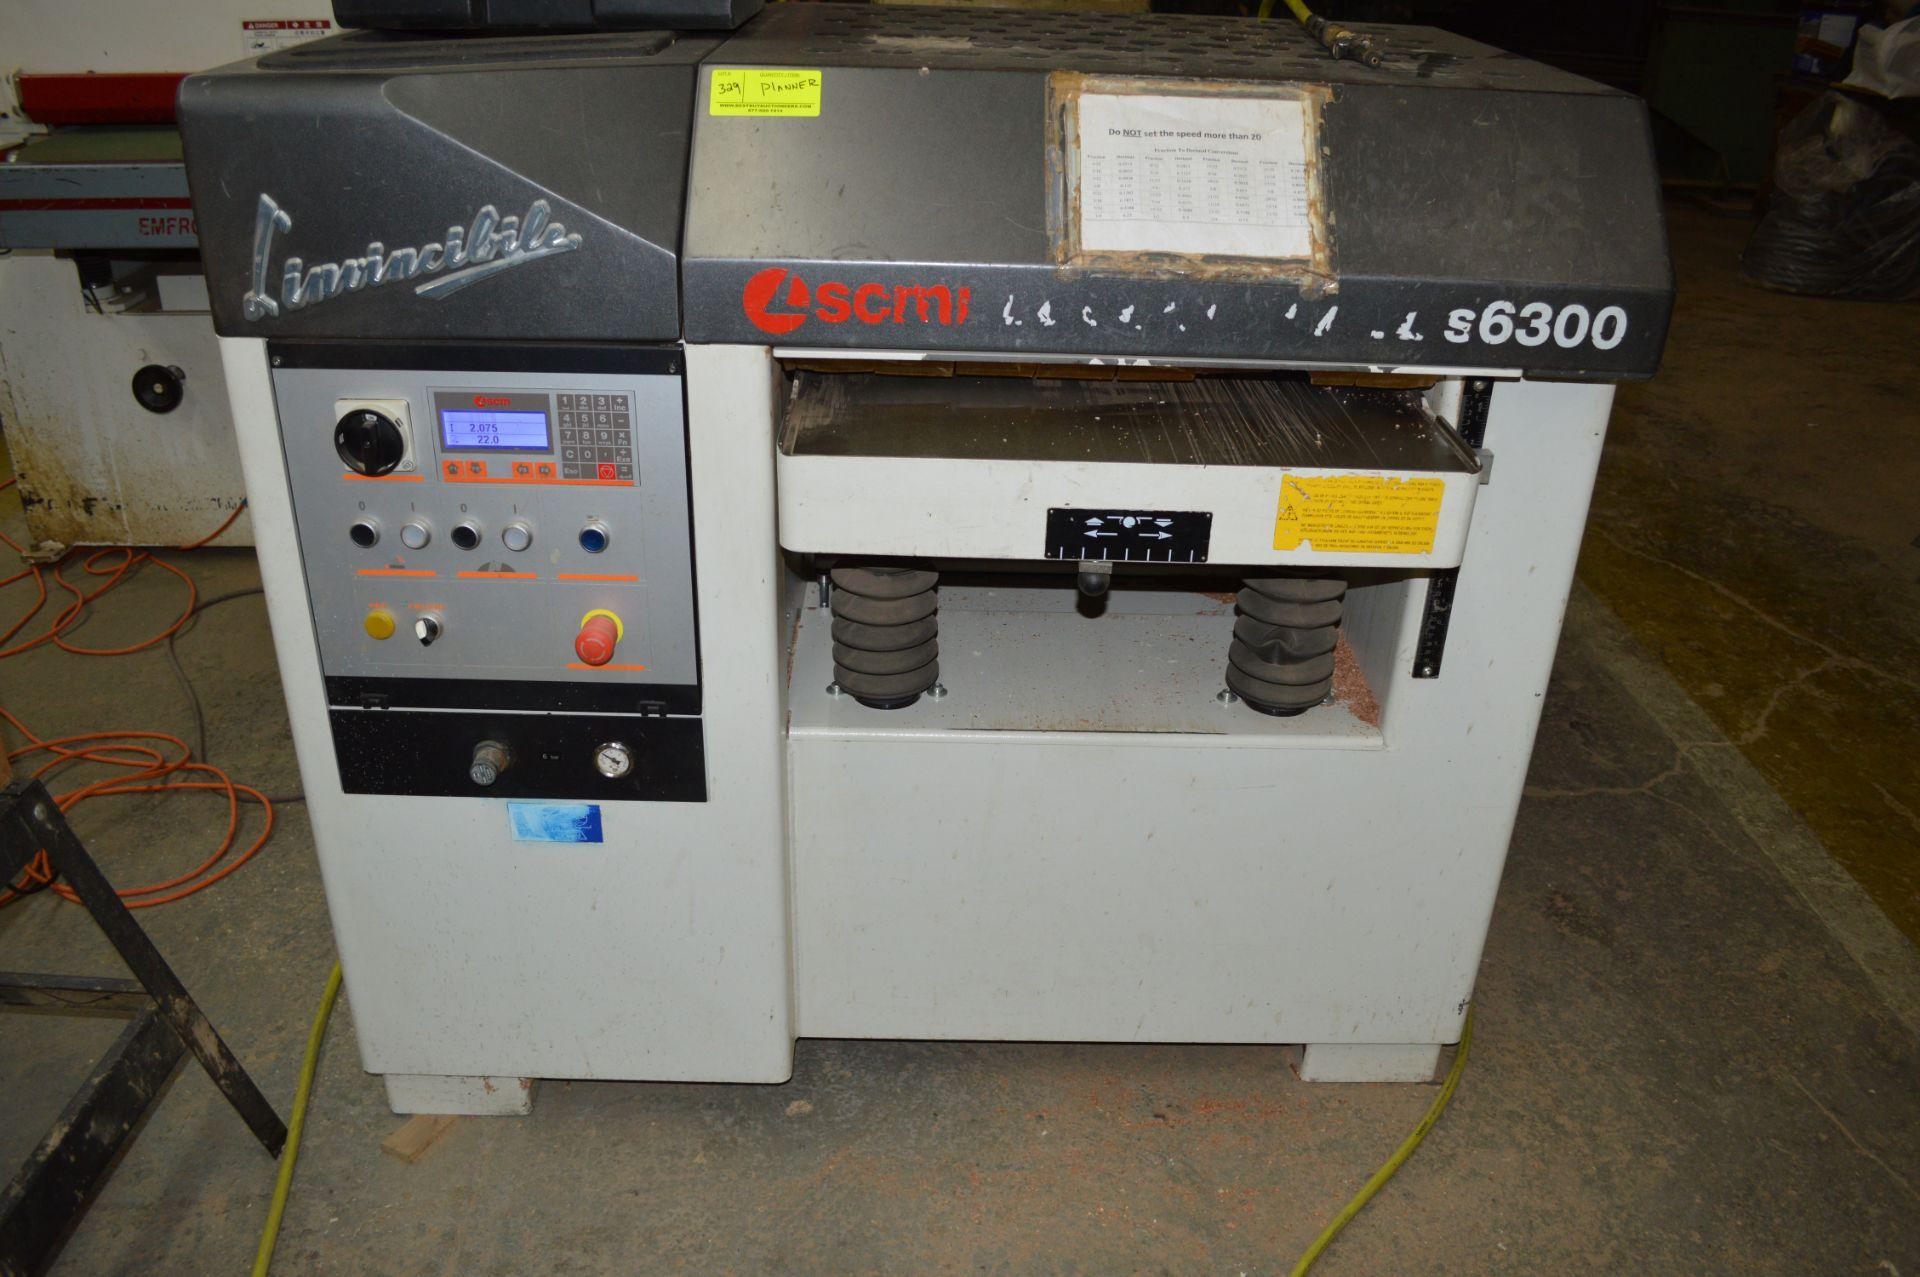 Lot 329 - L'INVINCILPLE COMPUTERIZED WOOD PLANER SCMI S6300